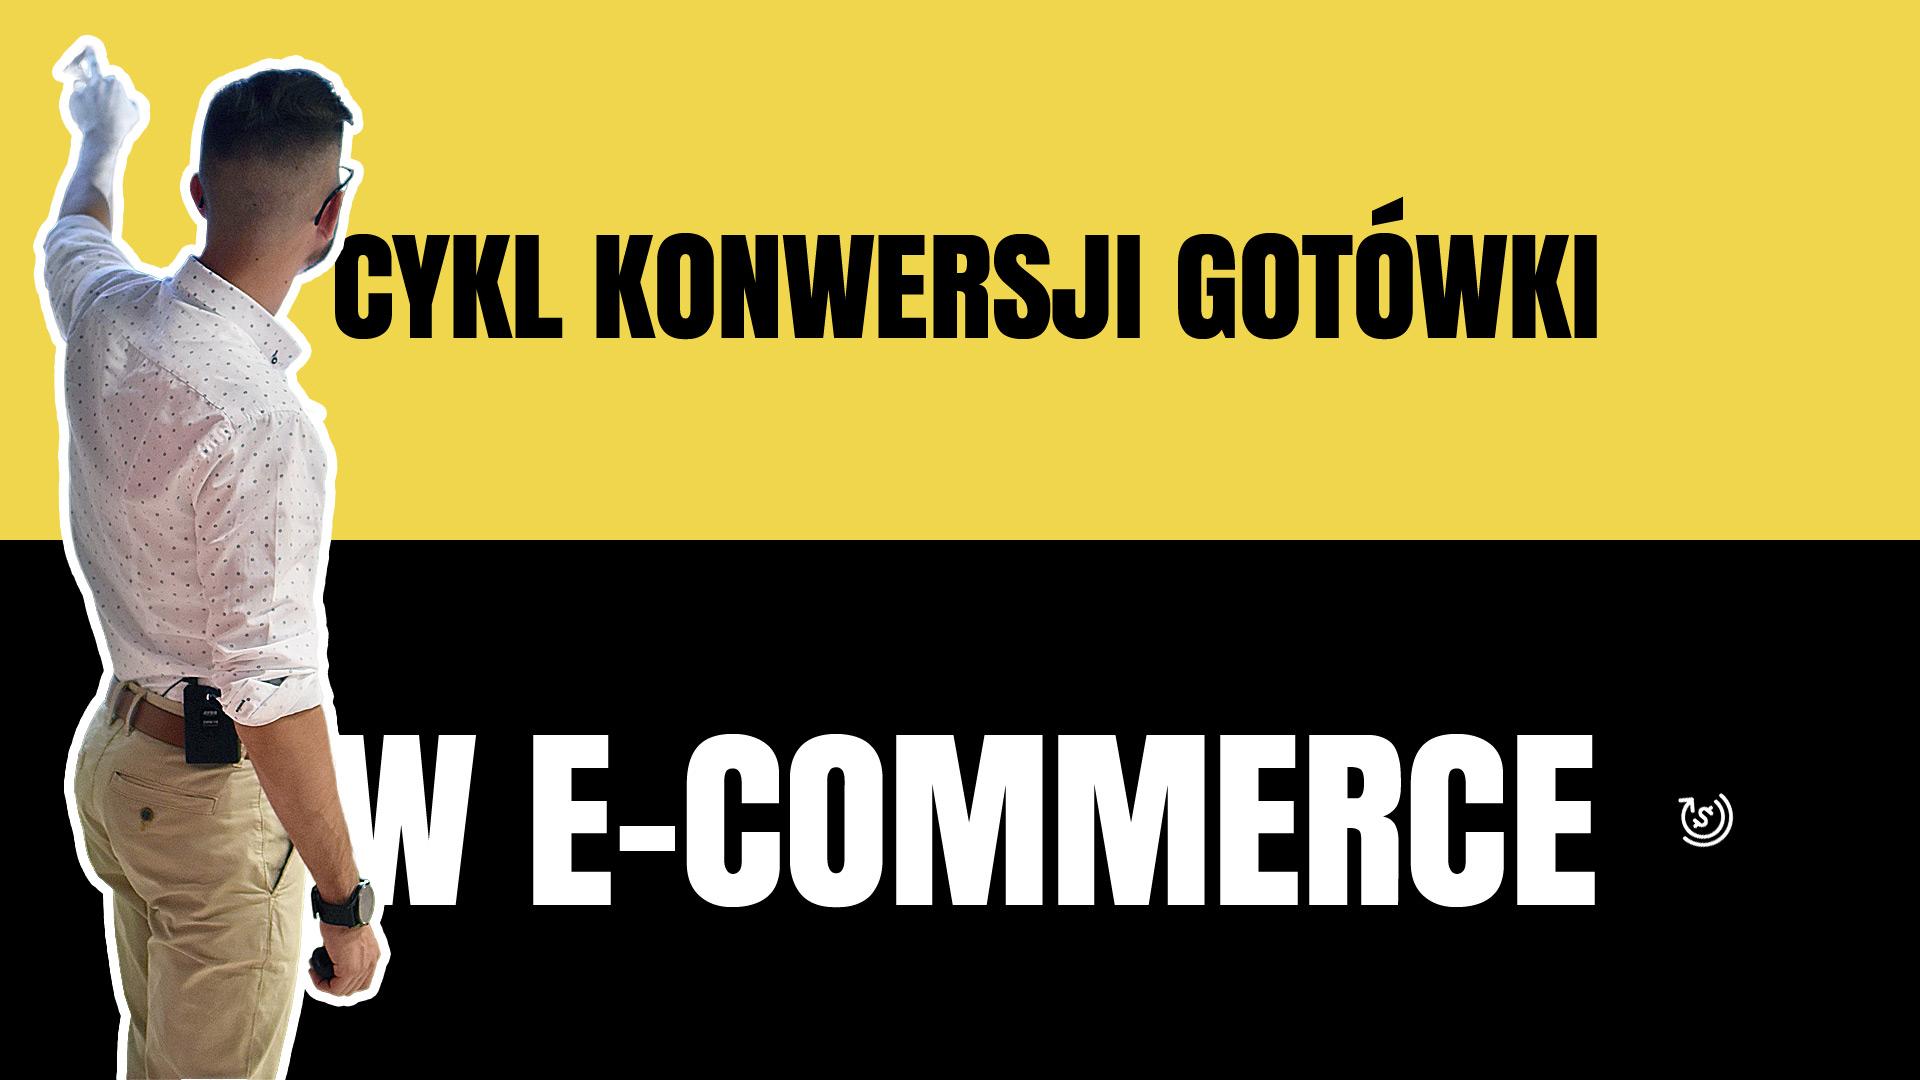 Cykl konwersji gotówki w e-commerce